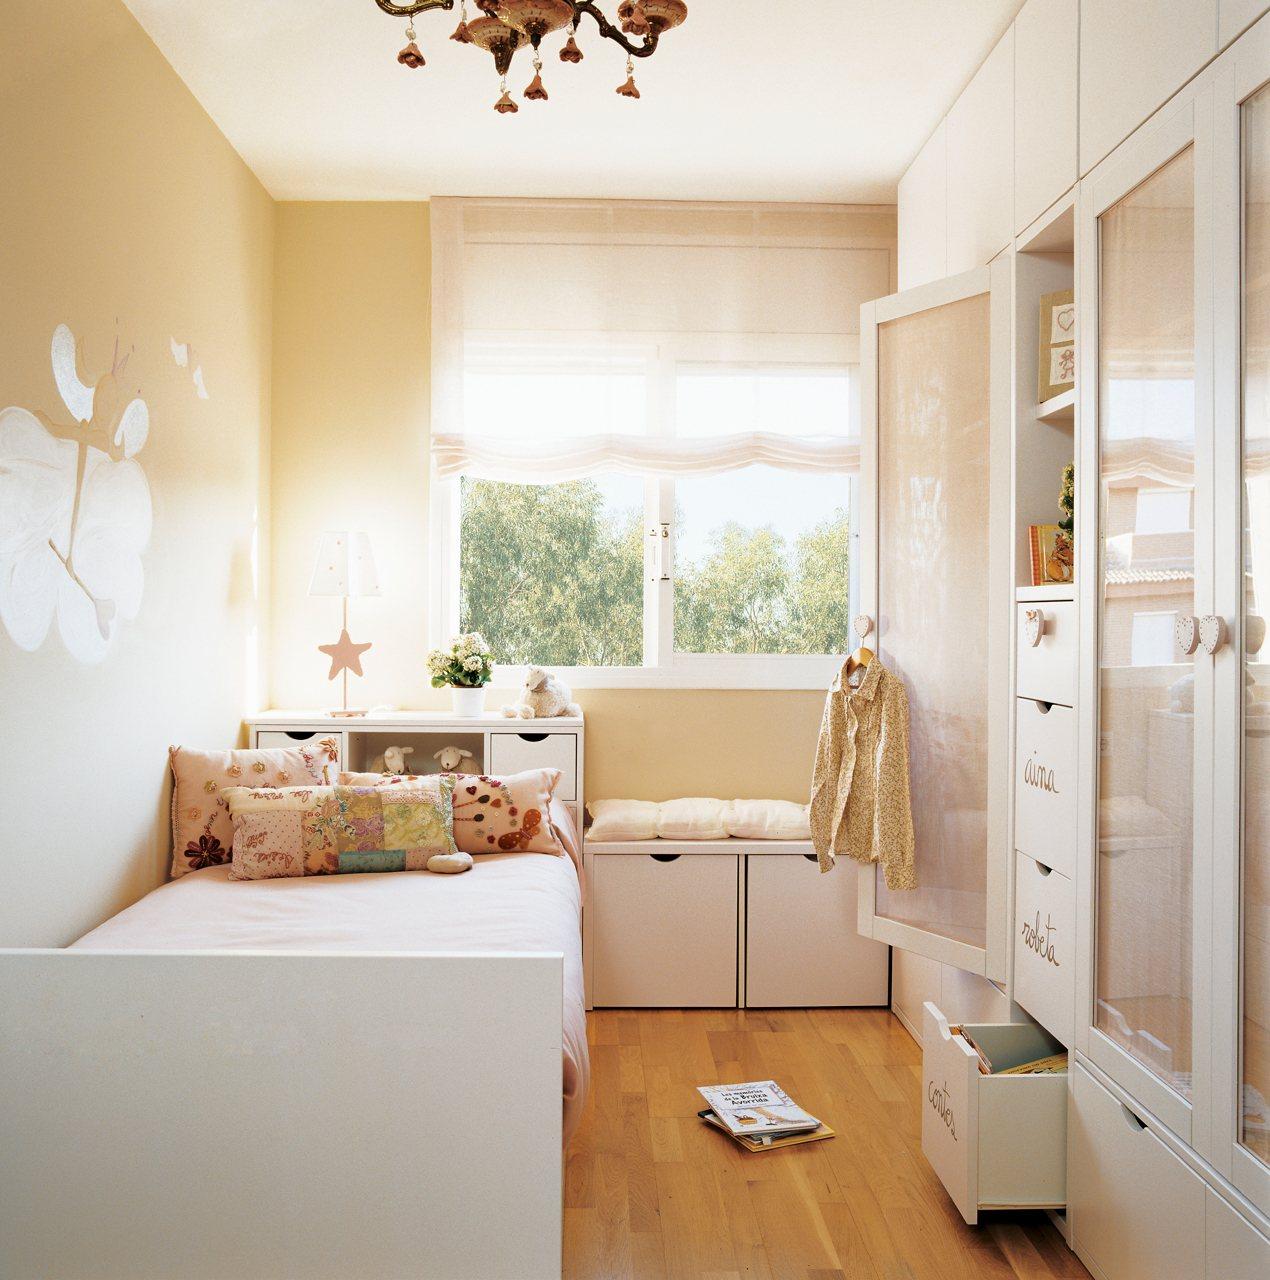 Dormitorios infantiles peque os s cales partido - Decoracion de dormitorios juveniles pequenos ...